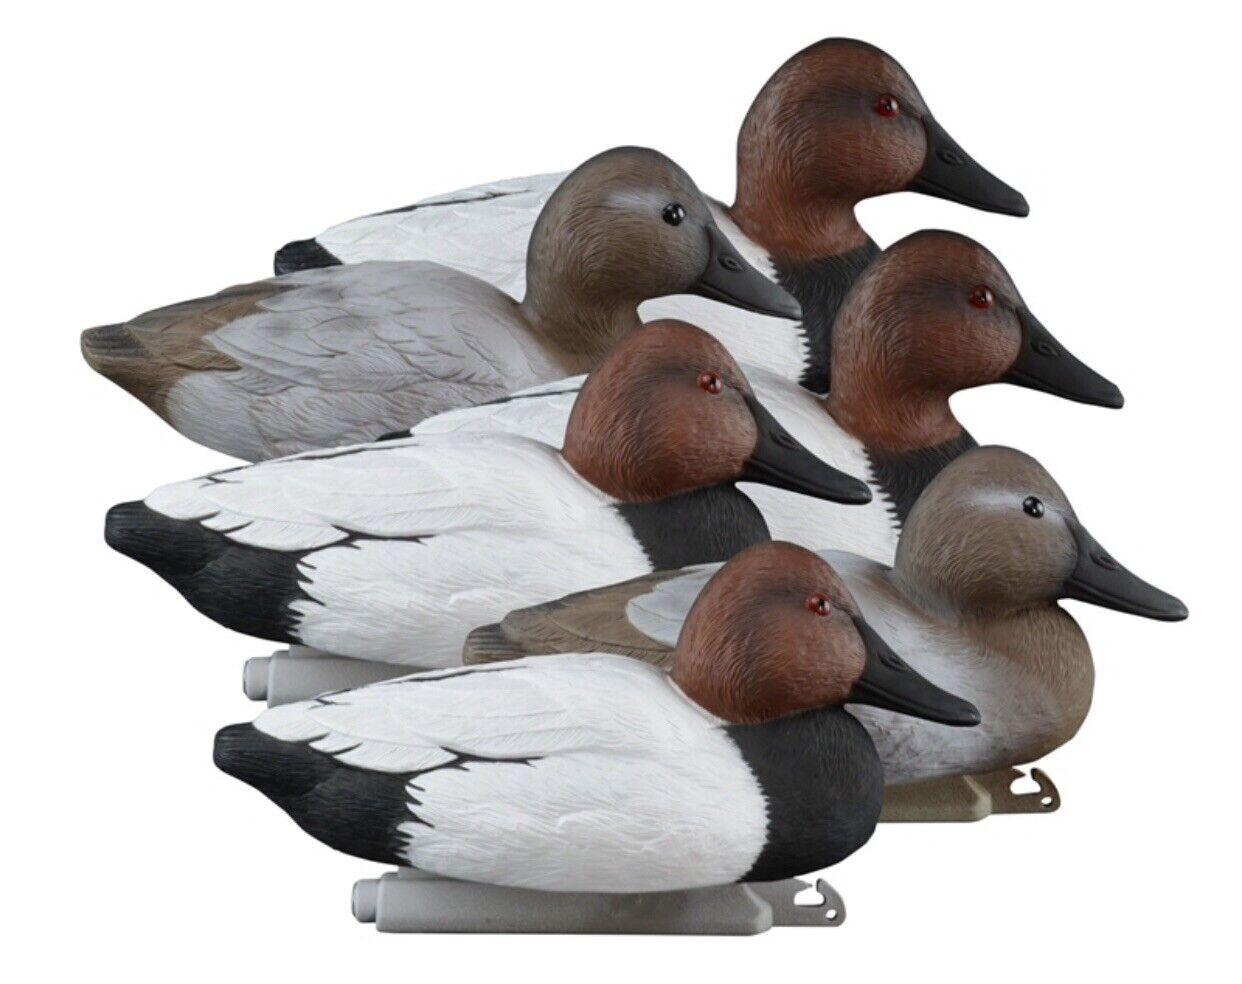 Nuevo-Higdon Señuelos estándar Canvasback Duck Decoy relleno de espuma - 6 Paquete